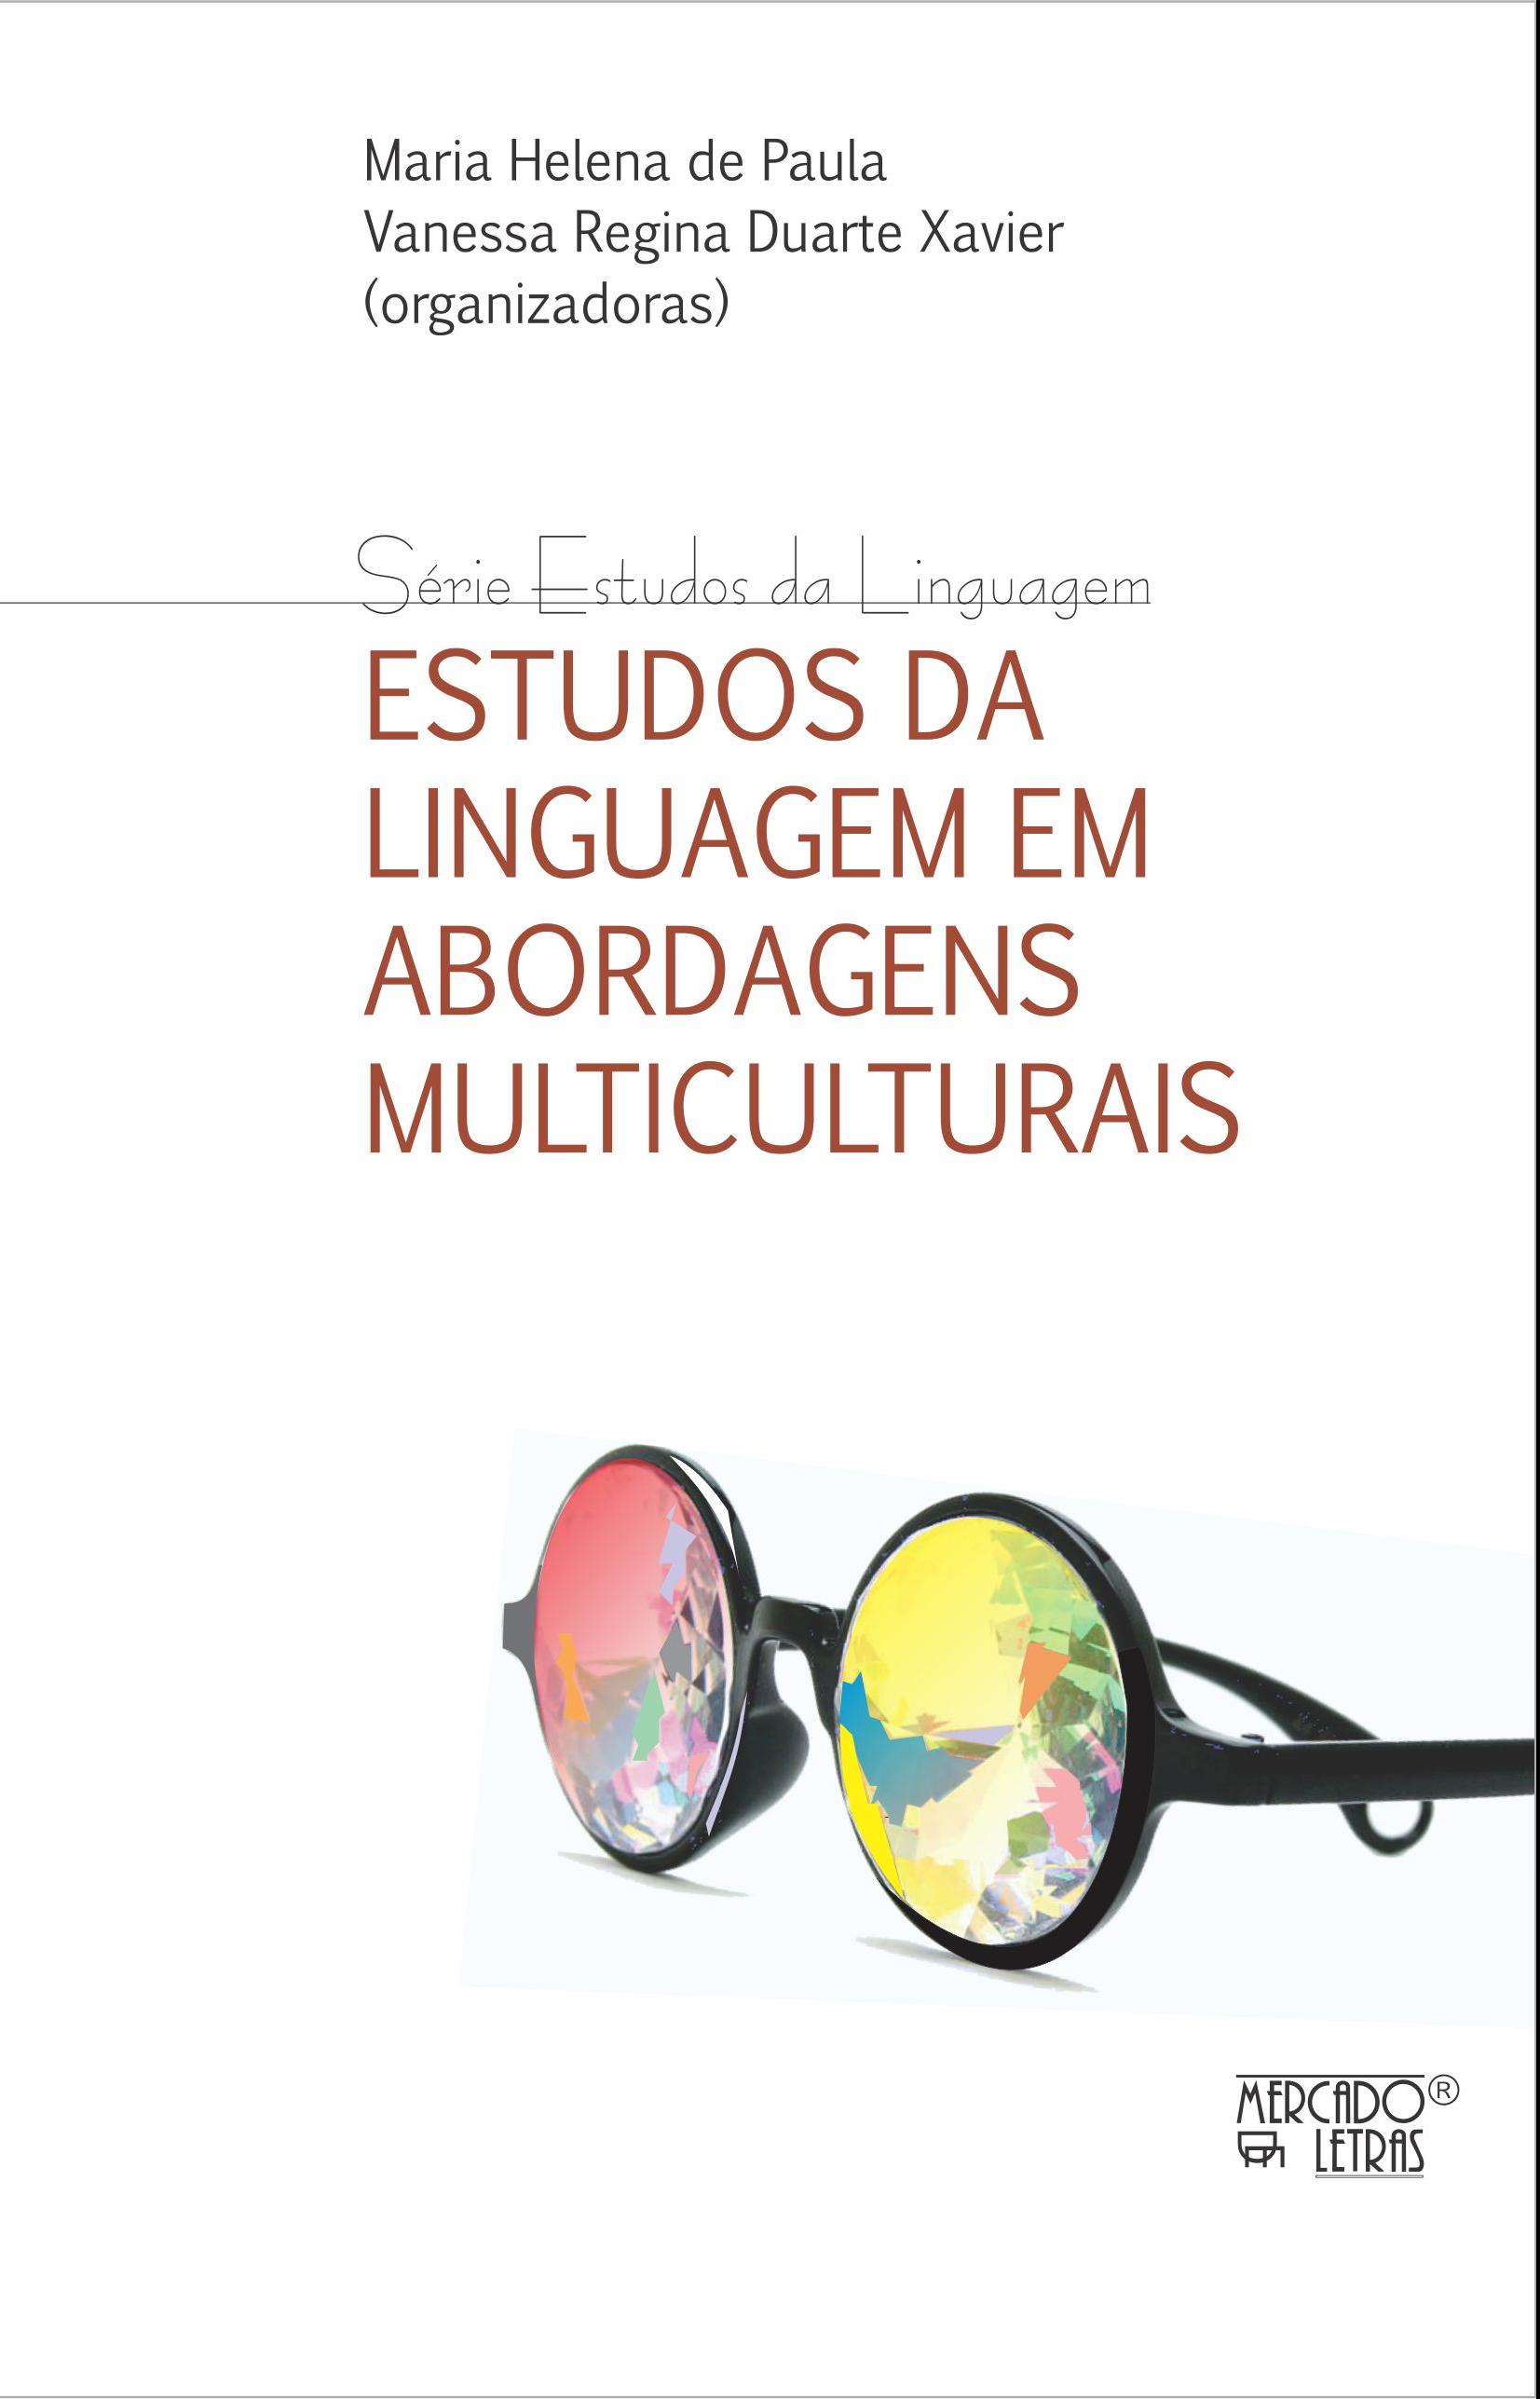 Estudos da linguagem em abordagens multiculturais, livro de Maria Helena de Paula, Vanessa Regina Duarte Xavier